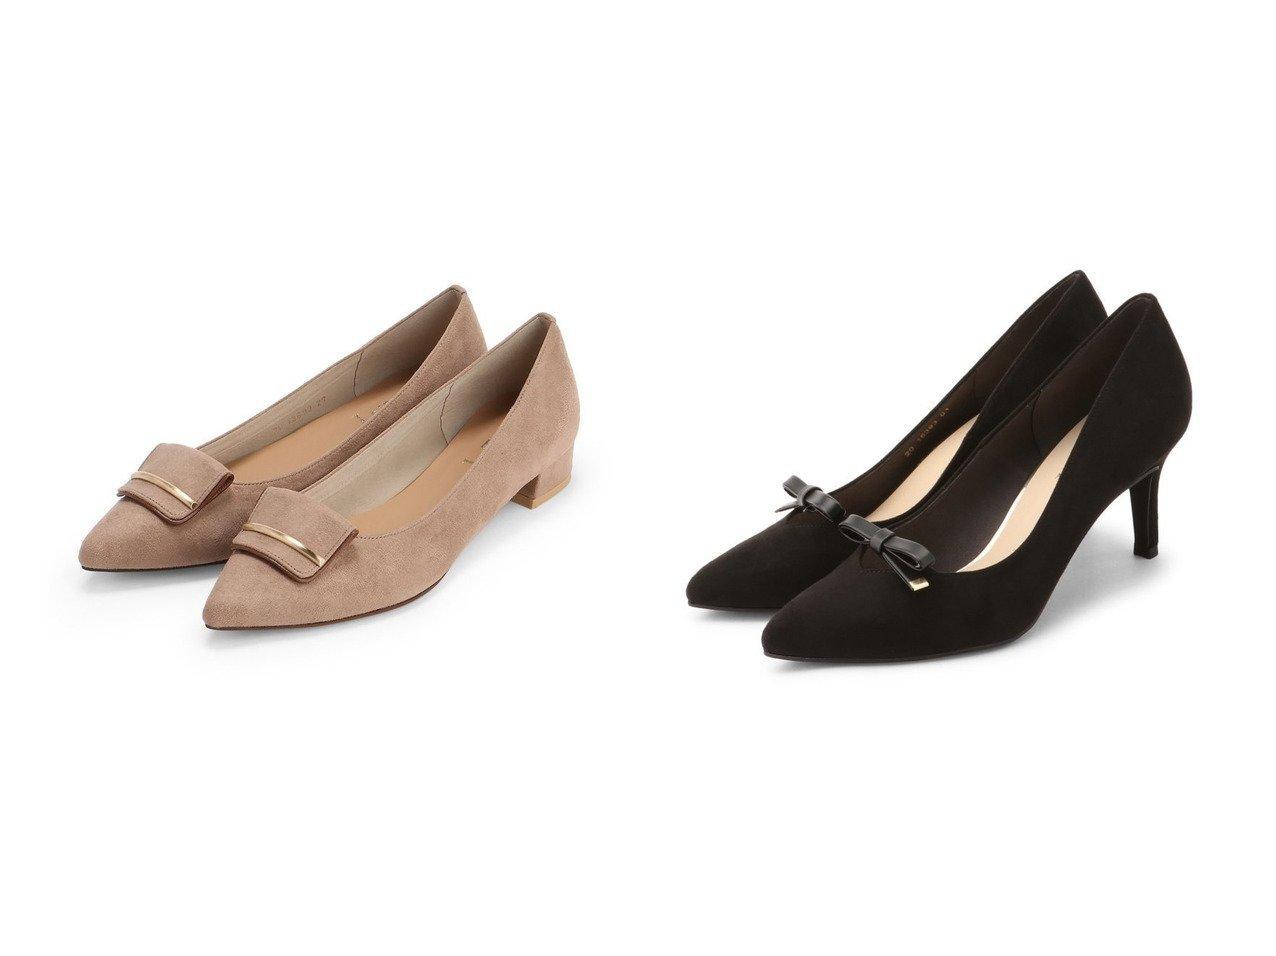 【Le Talon/ル タロン】の7cmホソリボンPS(22-25)&2.5cmポインテッドキリカエプレートフラット シューズ・靴のおすすめ!人気、トレンド・レディースファッションの通販  おすすめで人気の流行・トレンド、ファッションの通販商品 メンズファッション・キッズファッション・インテリア・家具・レディースファッション・服の通販 founy(ファニー) https://founy.com/ ファッション Fashion レディースファッション WOMEN 2020年 2020 2020-2021 秋冬 A/W AW Autumn/Winter / FW Fall-Winter 2020-2021 A/W 秋冬 AW Autumn/Winter / FW Fall-Winter シューズ フェミニン フォーマル リボン インソール クッション フラット 秋 |ID:crp329100000009825